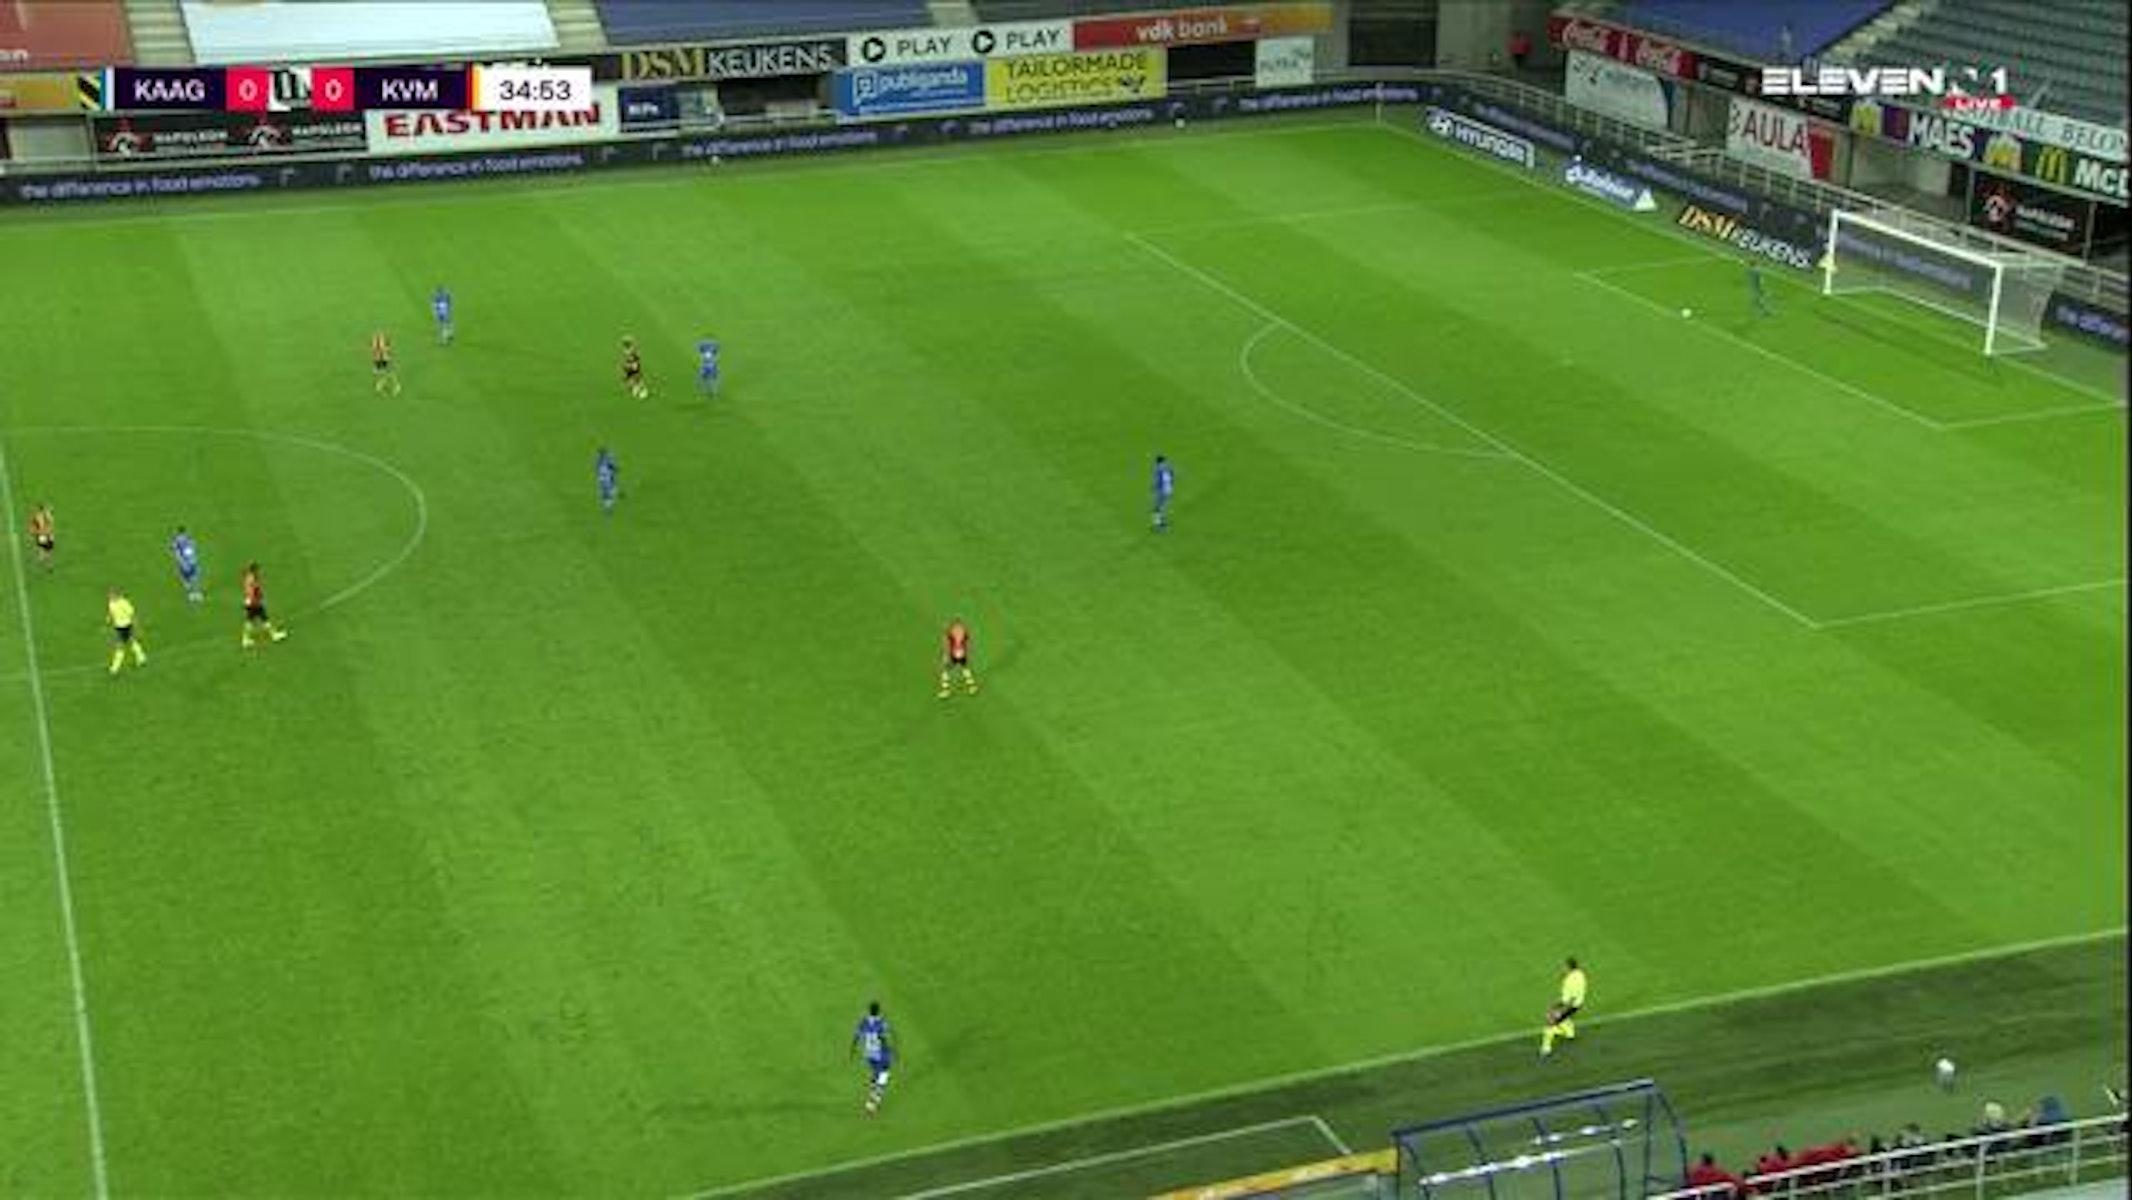 Doelpunt Dogbole Niangbo (KAA Gent vs. KV Mechelen)